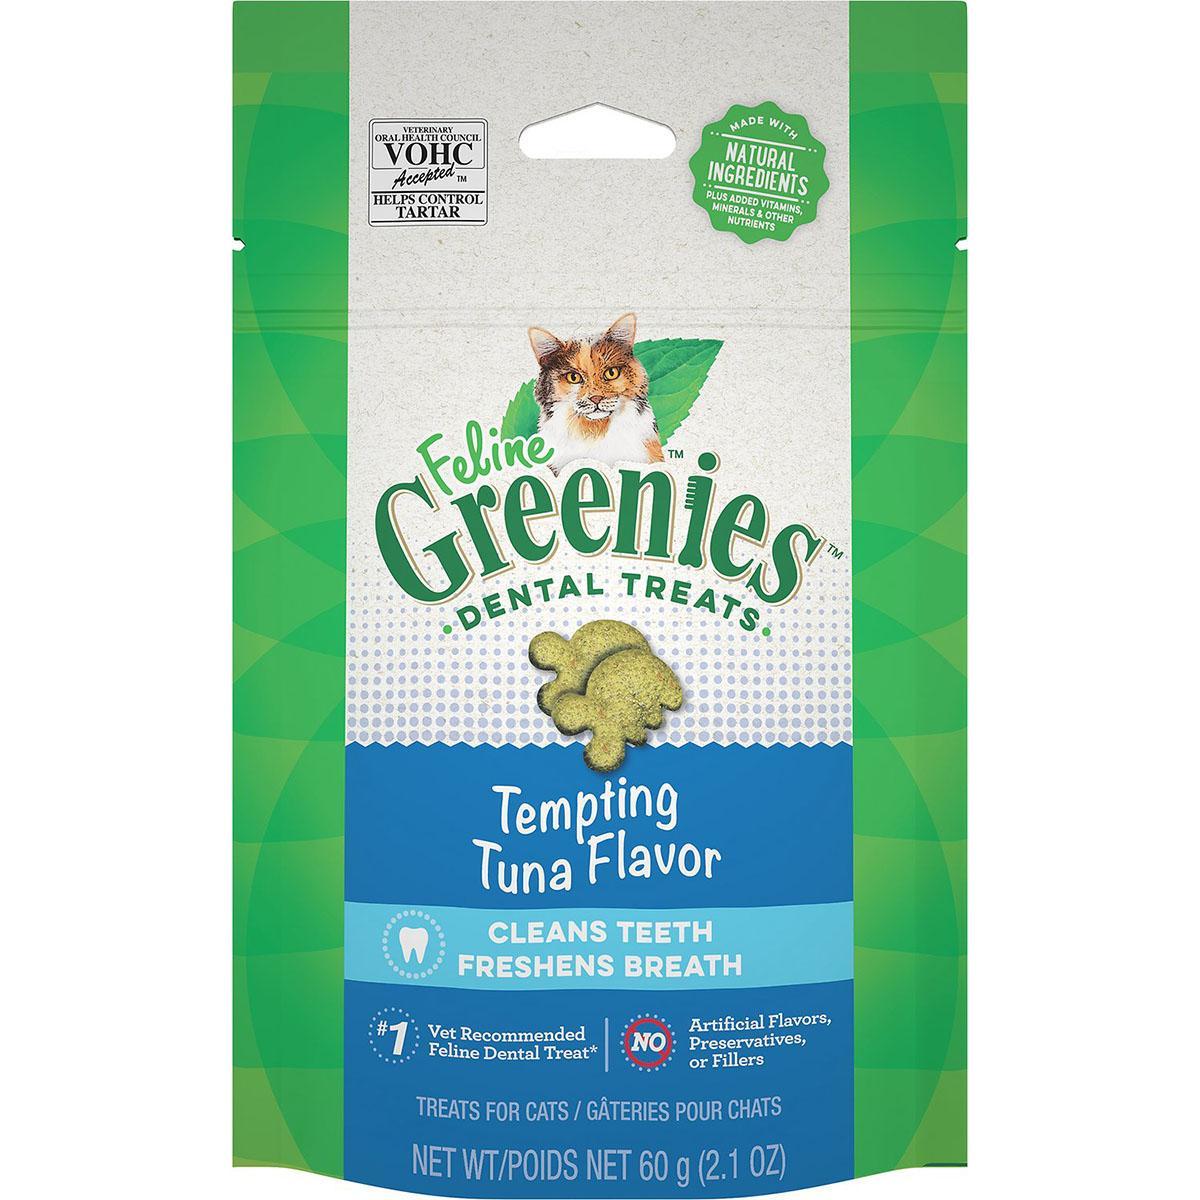 Greenies Feline Dental Cat Treats - Tempting Tuna Flavor